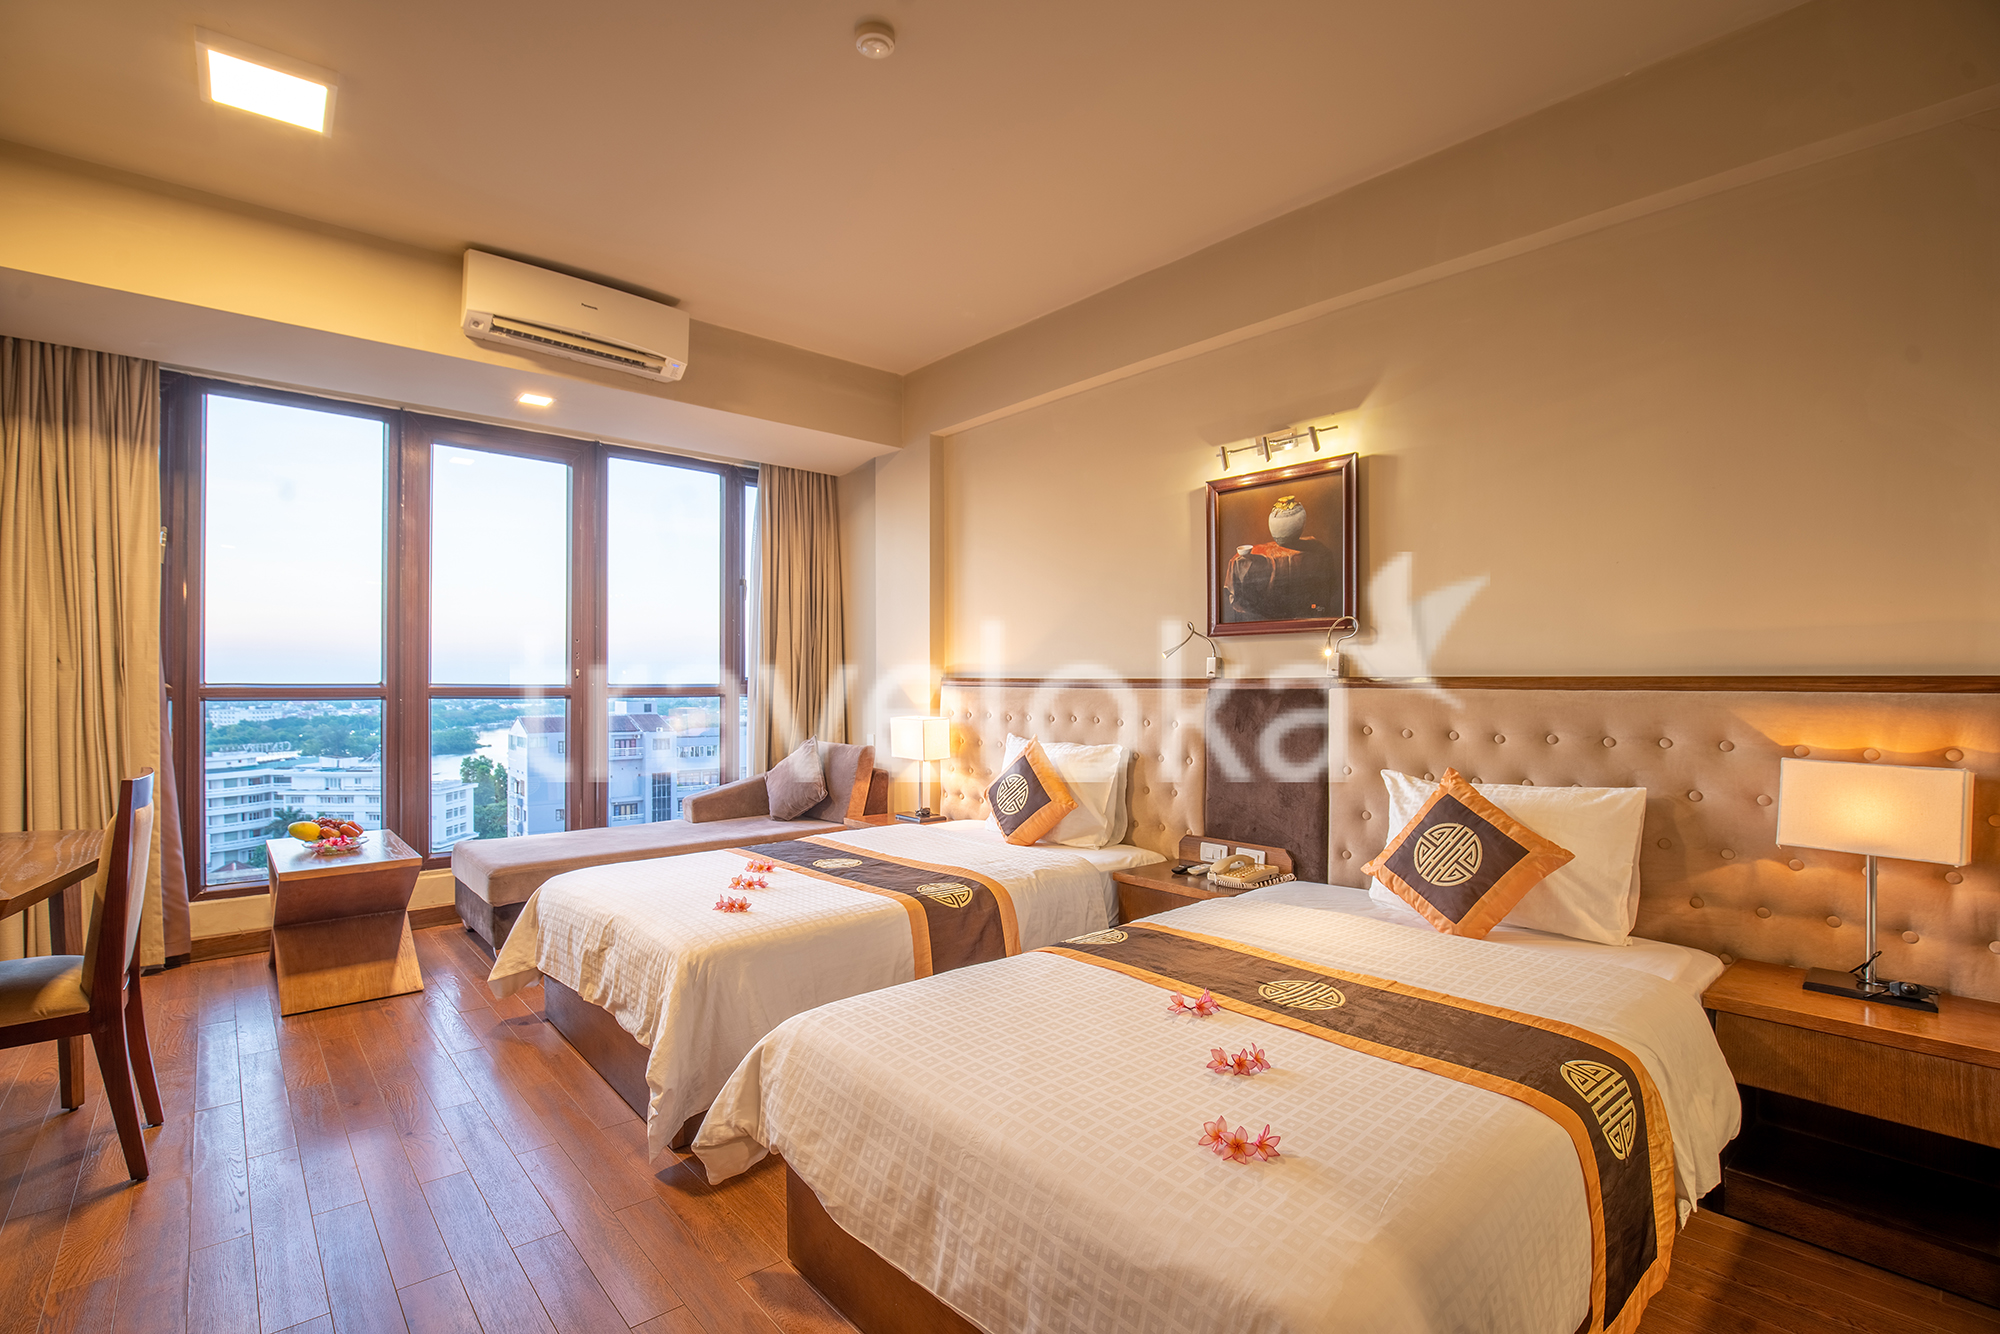 Kinh nghiệm du lịch Huế 1 ngày - Asia Hotel Hue